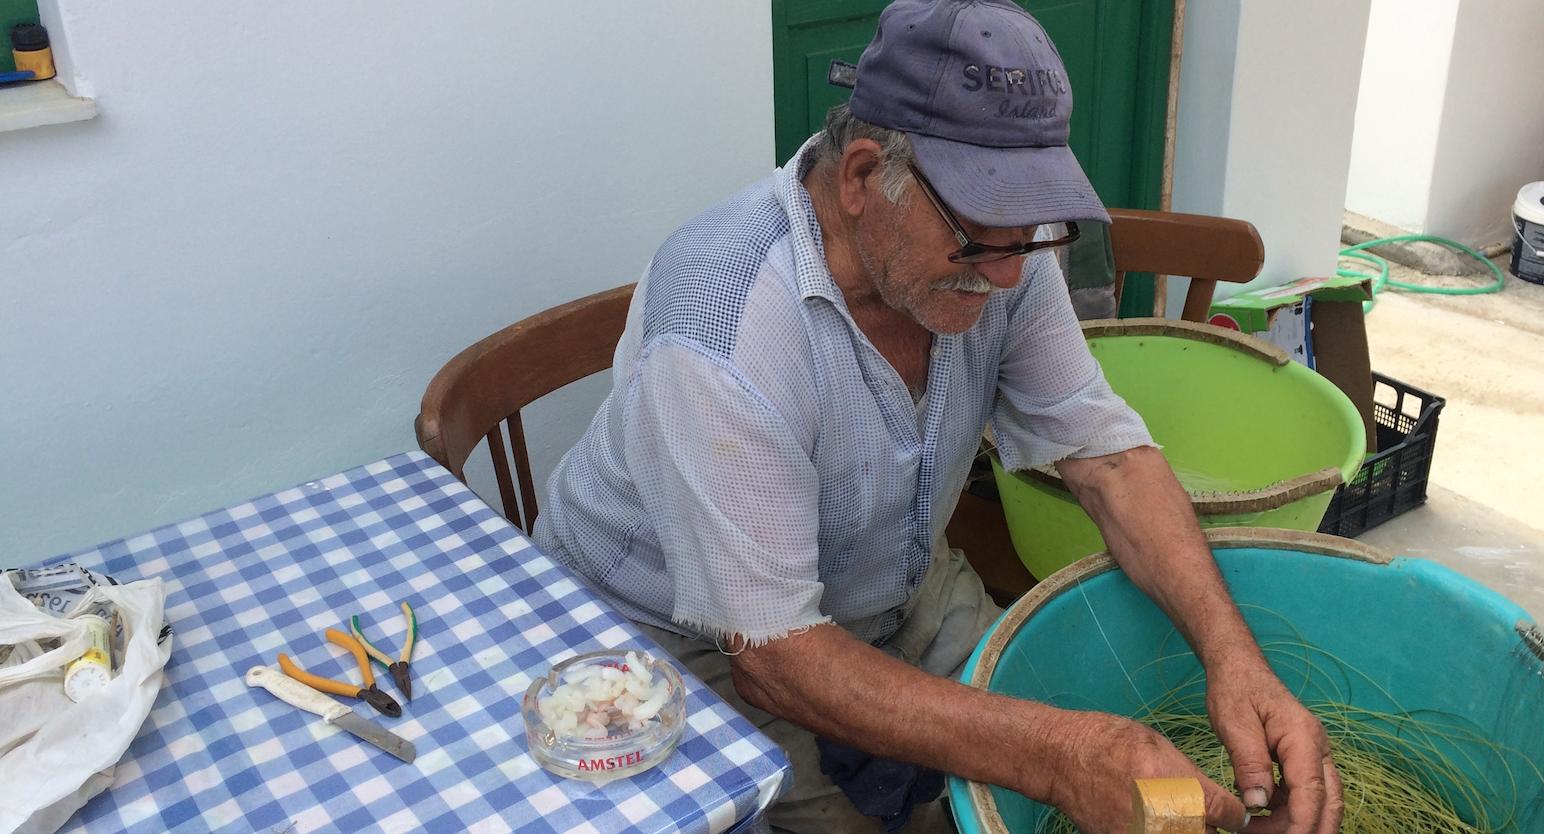 serifos-margarita-giorgos-myserifos-the-writers-home